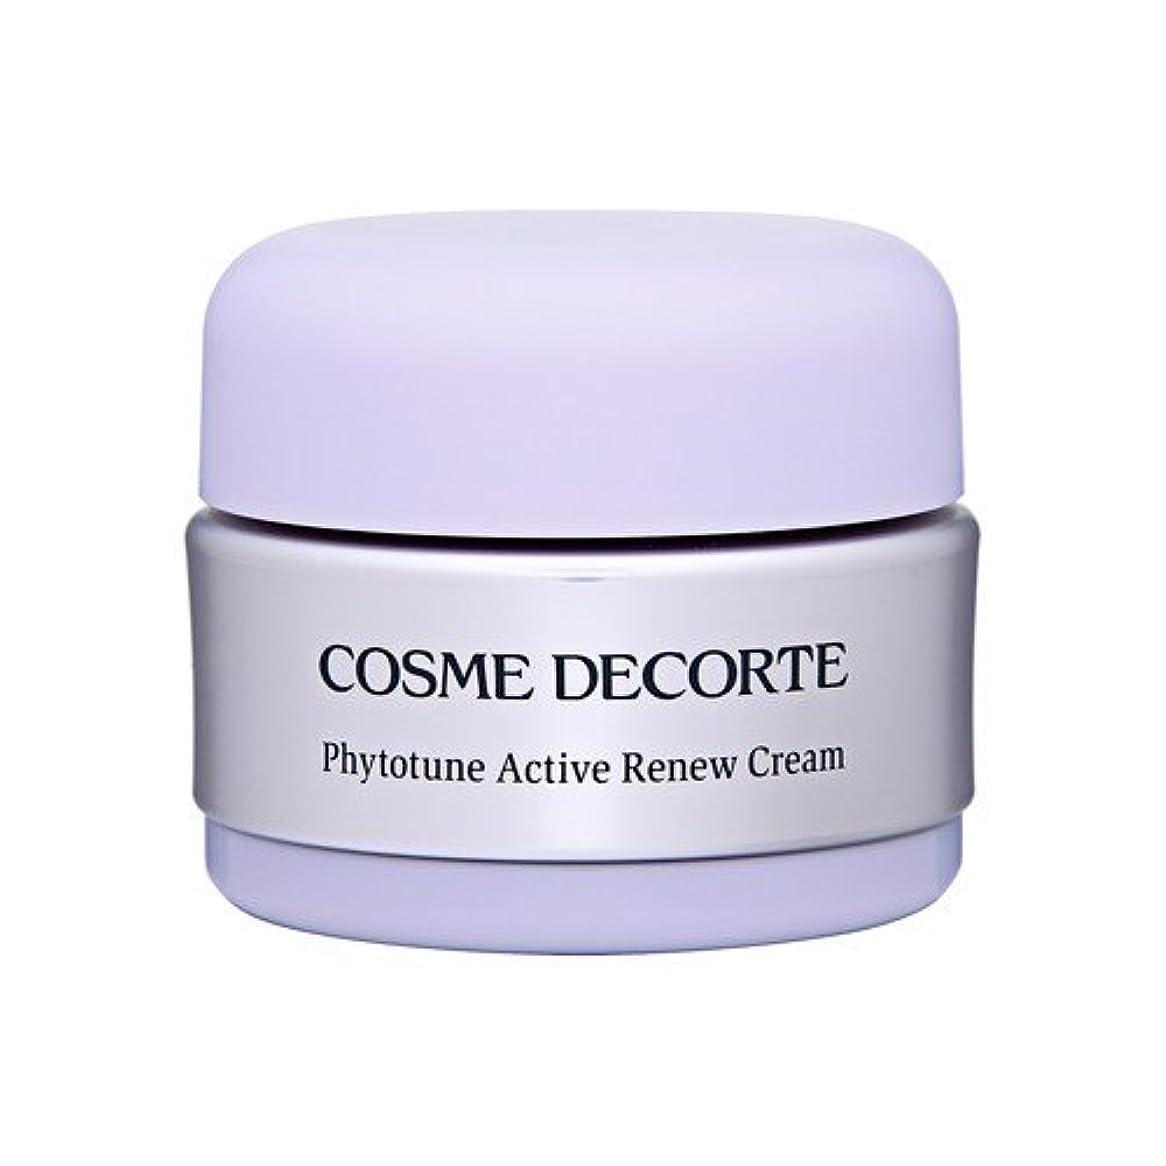 幸運からかうプランターコスメ デコルテ(COSME DECORTE) フィトチューンアクティブリニュークリーム 30g [364491][並行輸入品]